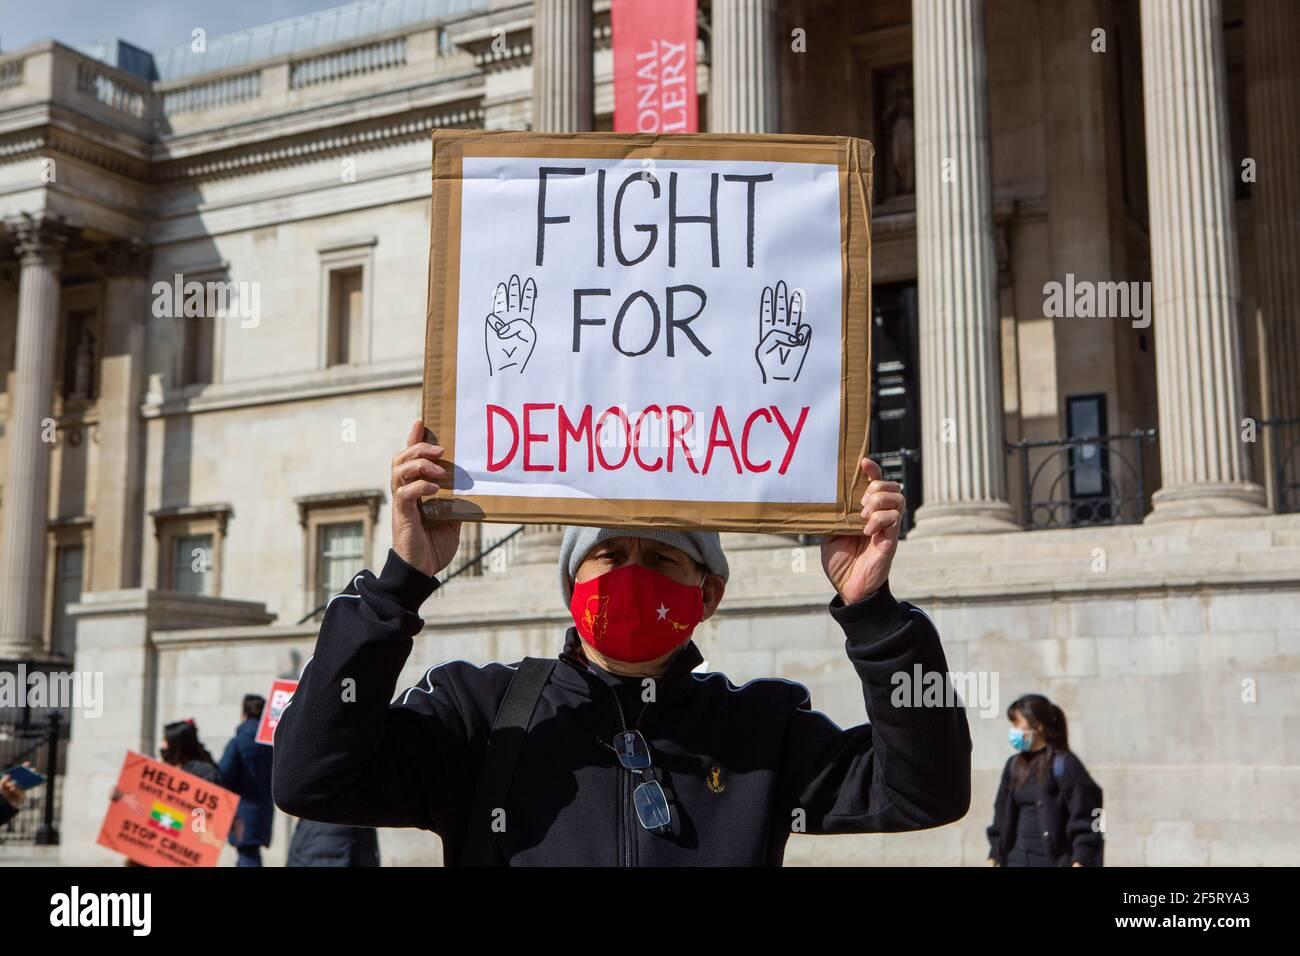 Un manifestant tient un écriteau exprimant son opinion lors d'une manifestation pacifique.des manifestants anti-coup d'État militaire du Myanmar se sont rassemblés sur Trafalgar Square alors que des dizaines d'autres personnes sont tuées dans le pays. La police et les militaires du Myanmar (tatmadow) ont attaqué les manifestants avec des balles en caoutchouc, des munitions réelles, des gaz lacrymogènes et des bombes lacrymogènes en réponse aux manifestants anti-coup d'État militaire qui ont tué samedi au Myanmar plus de 90 personnes et en ont blessé beaucoup d'autres. Au moins 300 personnes ont été tuées au Myanmar depuis le coup d'État du 1er février, a déclaré un responsable des droits de l'homme de l'ONU. Counsell d'État détenu par l'armée du Myanmar Banque D'Images